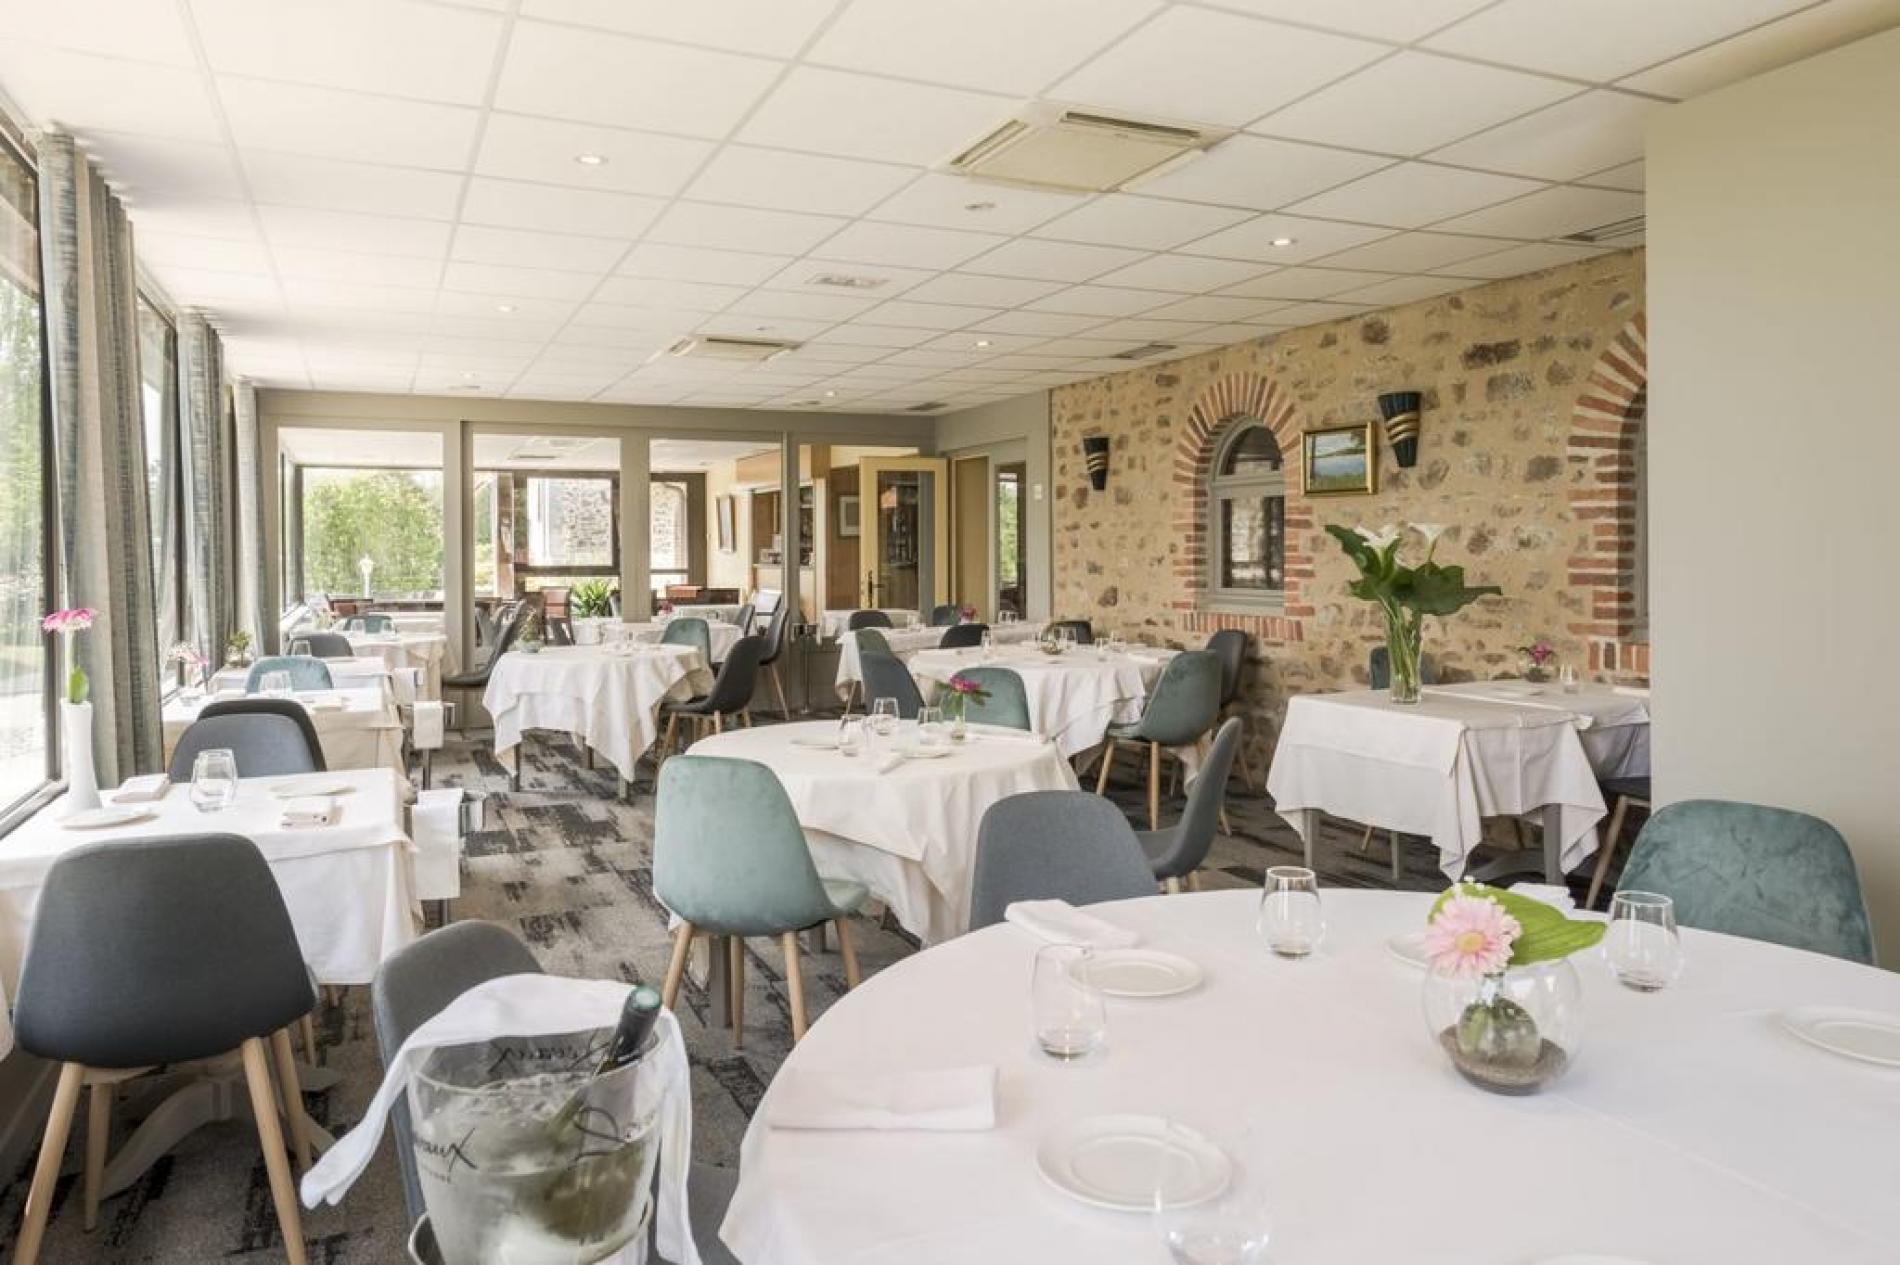 Logis hôtel élégance / restaurant savoureux